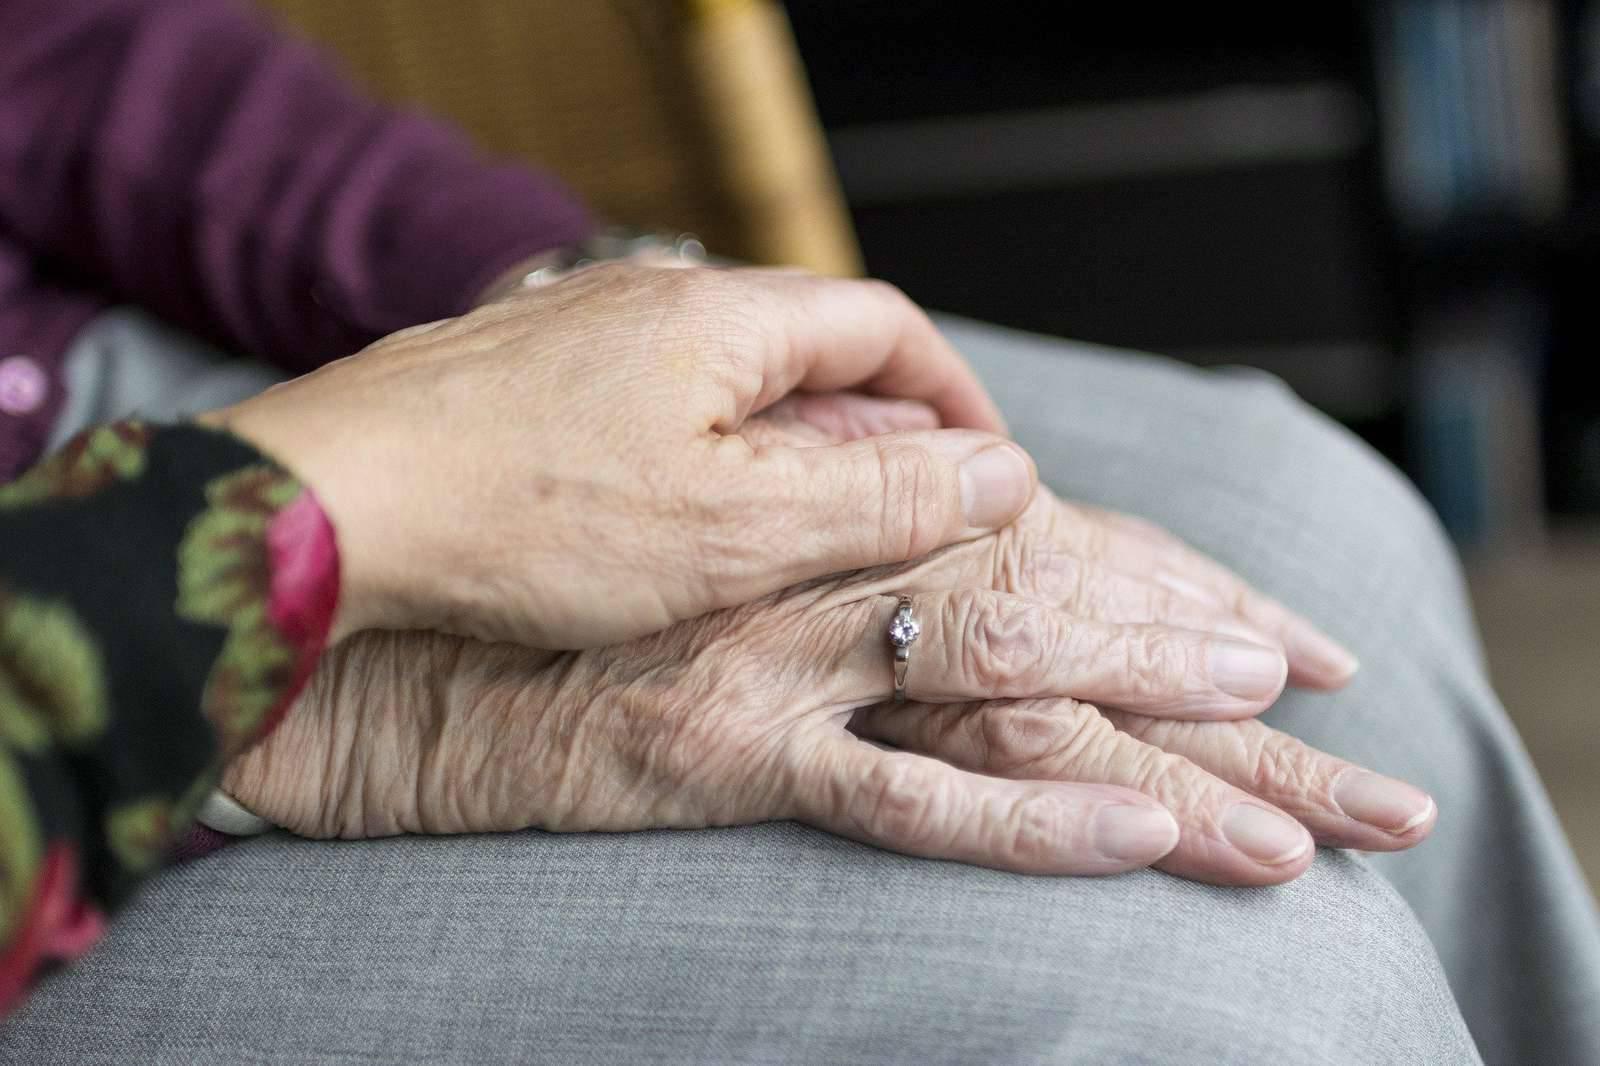 Более 2 млн пенсионеров из Подмосковья получат президентскую выплату в сентябре | Изображение 1